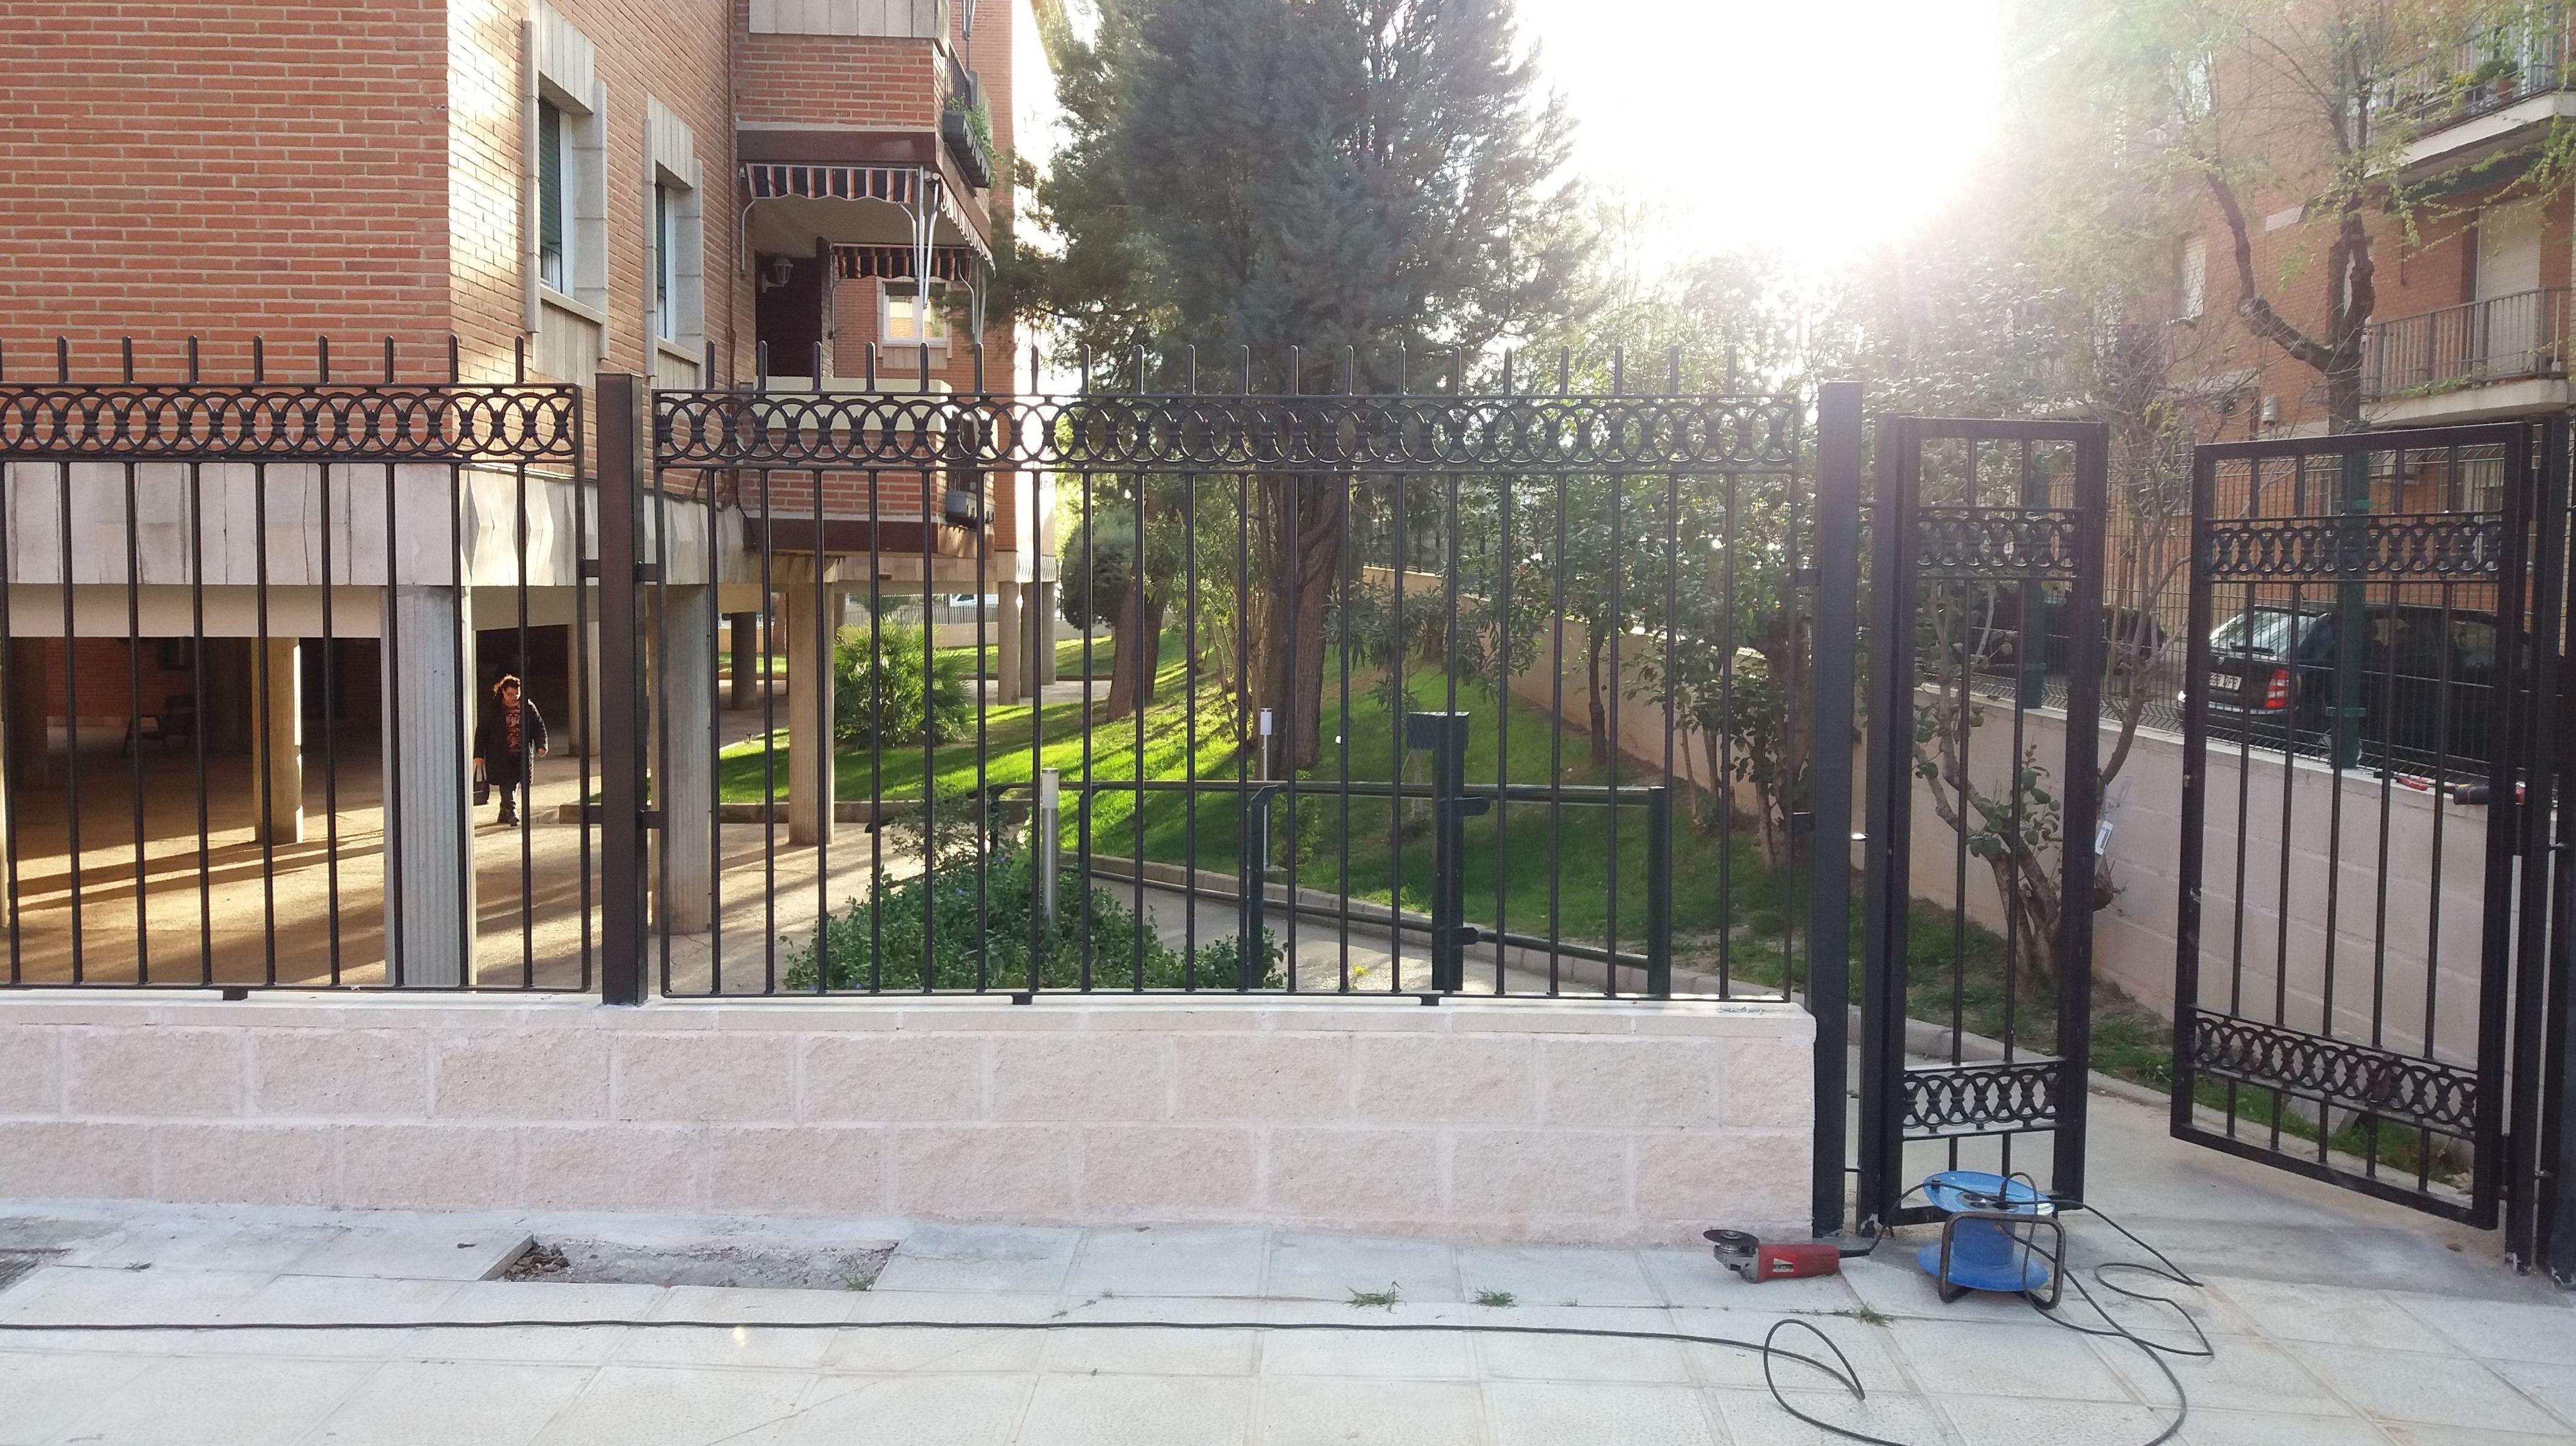 Foto 47 de Especialistas en reformas integrales, mantenimiento de jardines e impermeabilizaciones en Toledo | Reformas DS